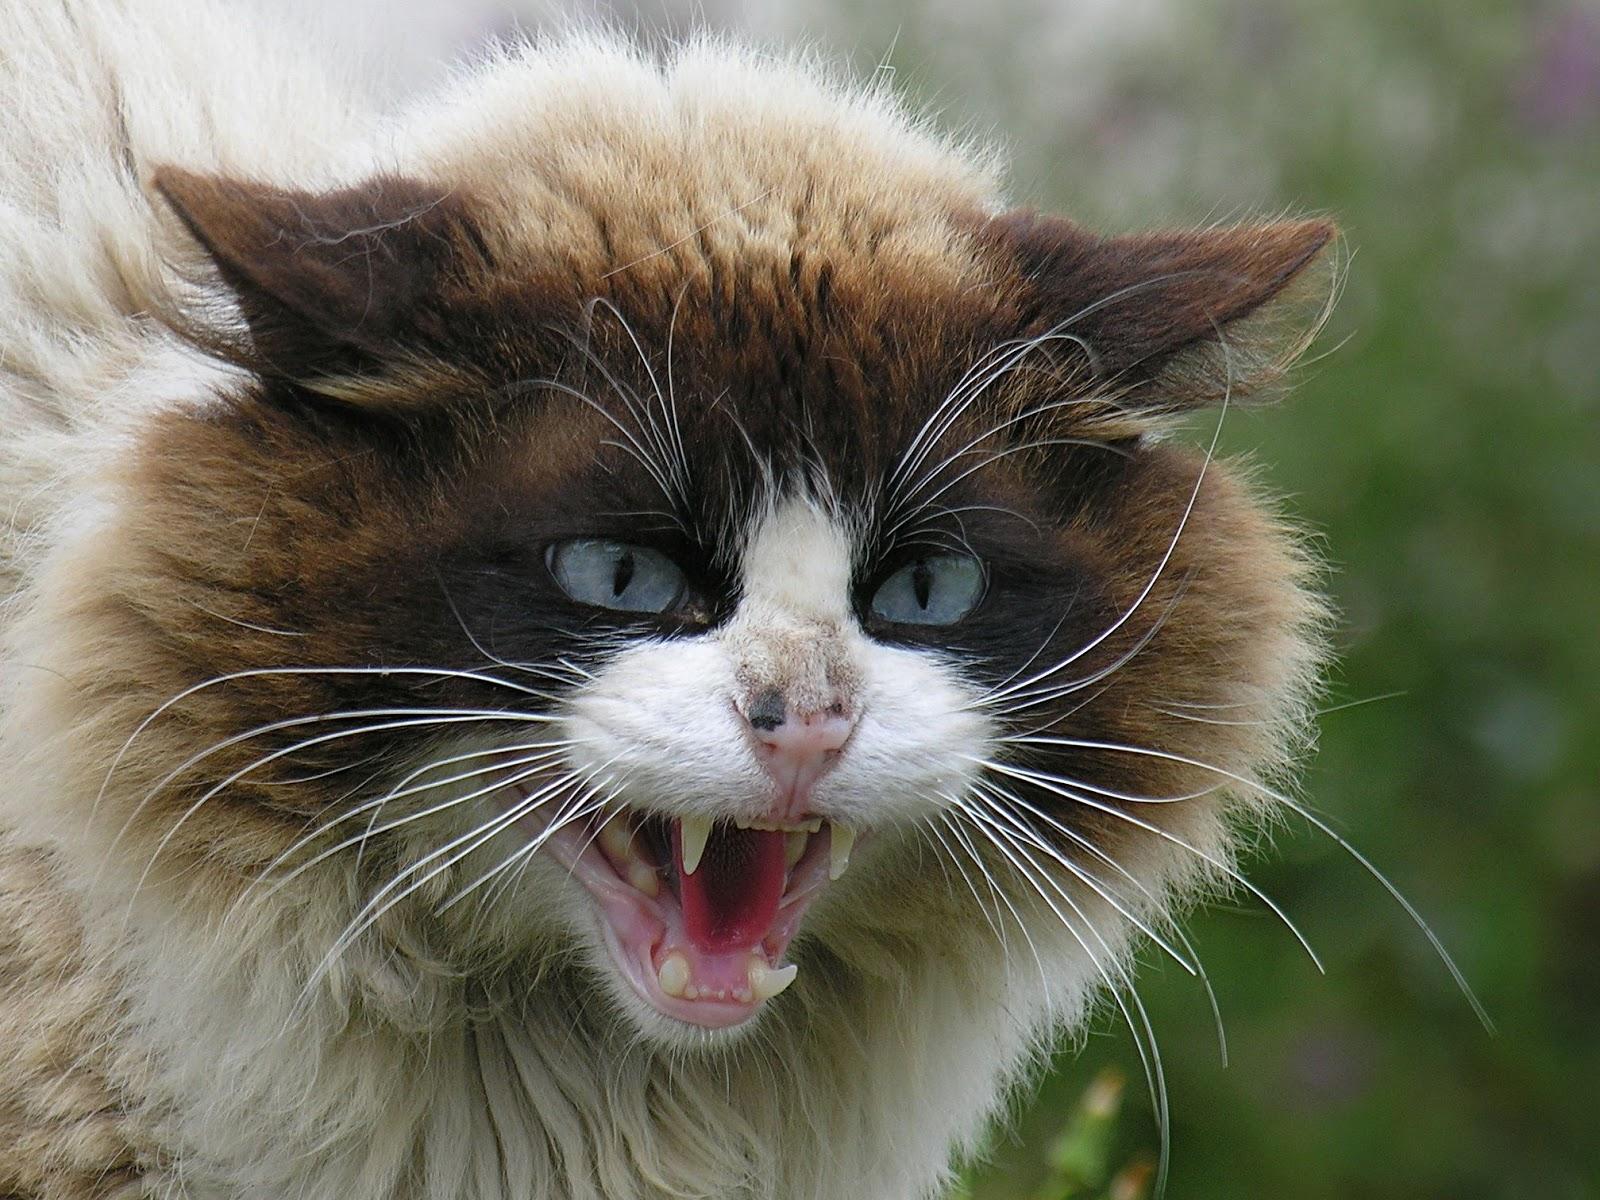 photos of kitten